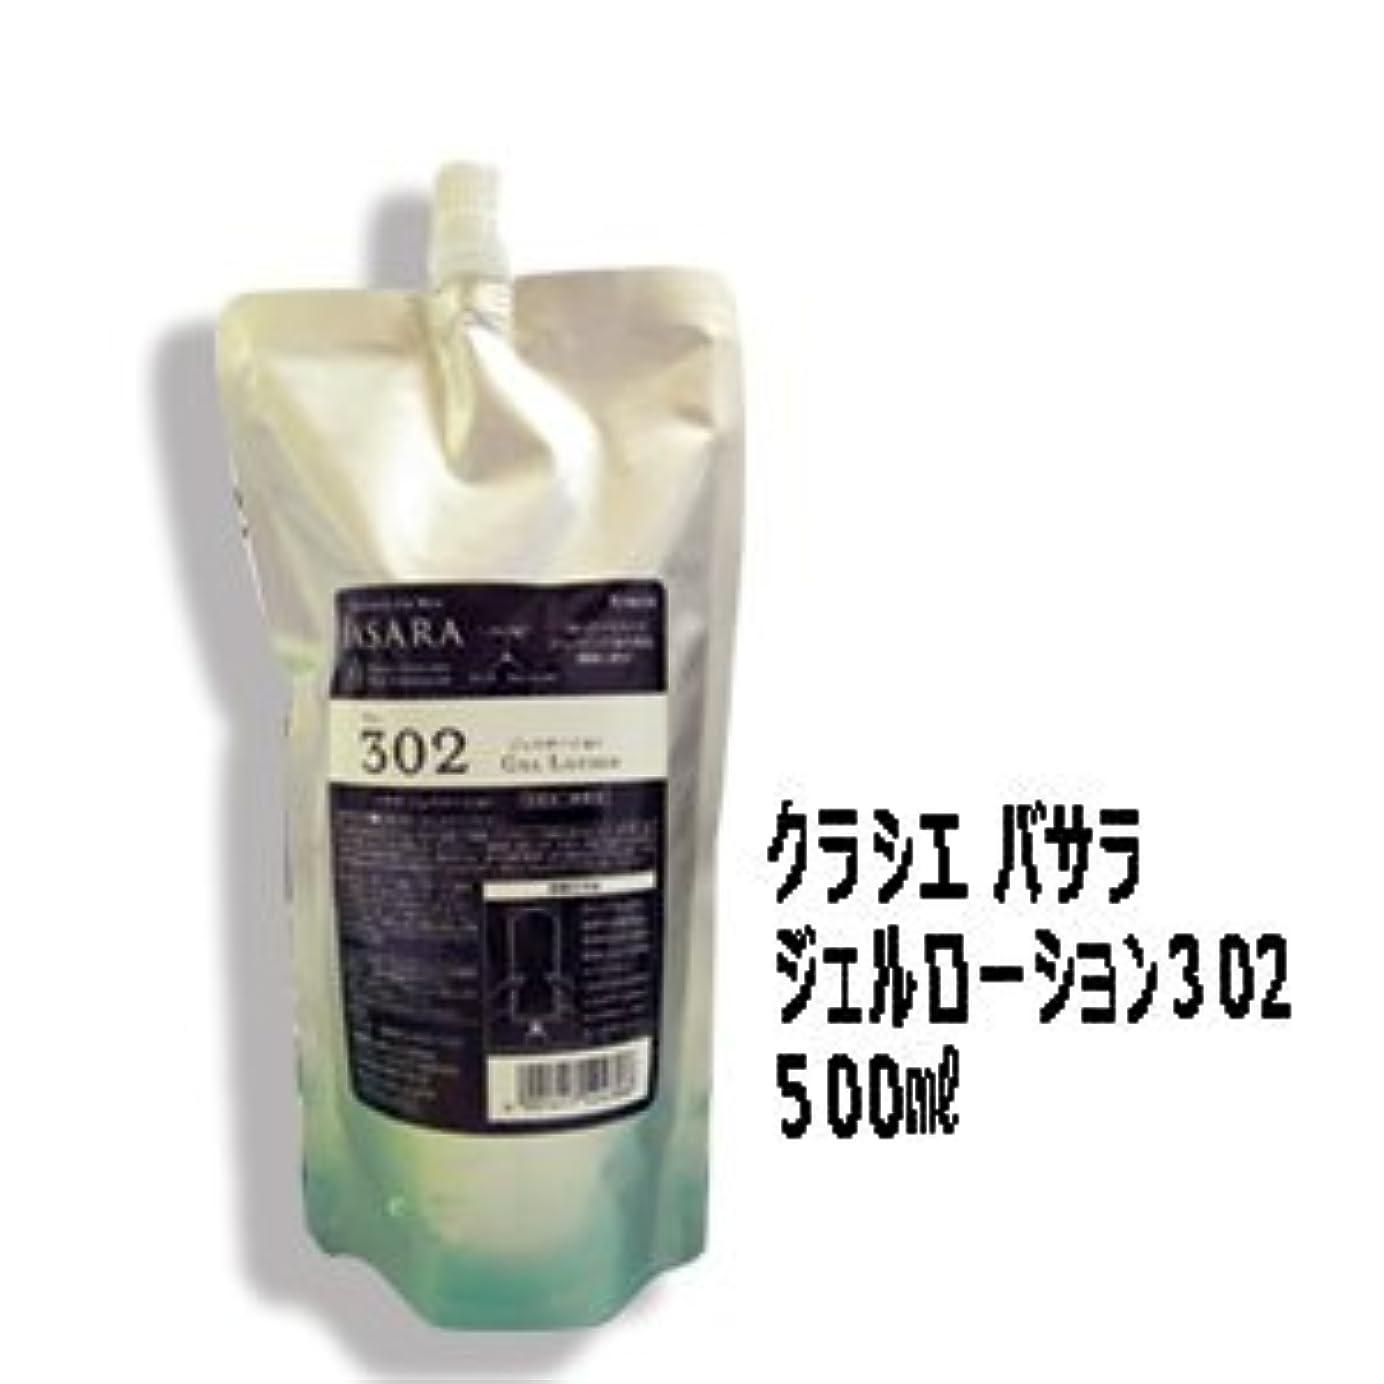 剪断雑多なバイパスクラシエ BASARAバサラ 302 ジェルローション 500ml 業務用 詰め替えタイプ 【大容量】